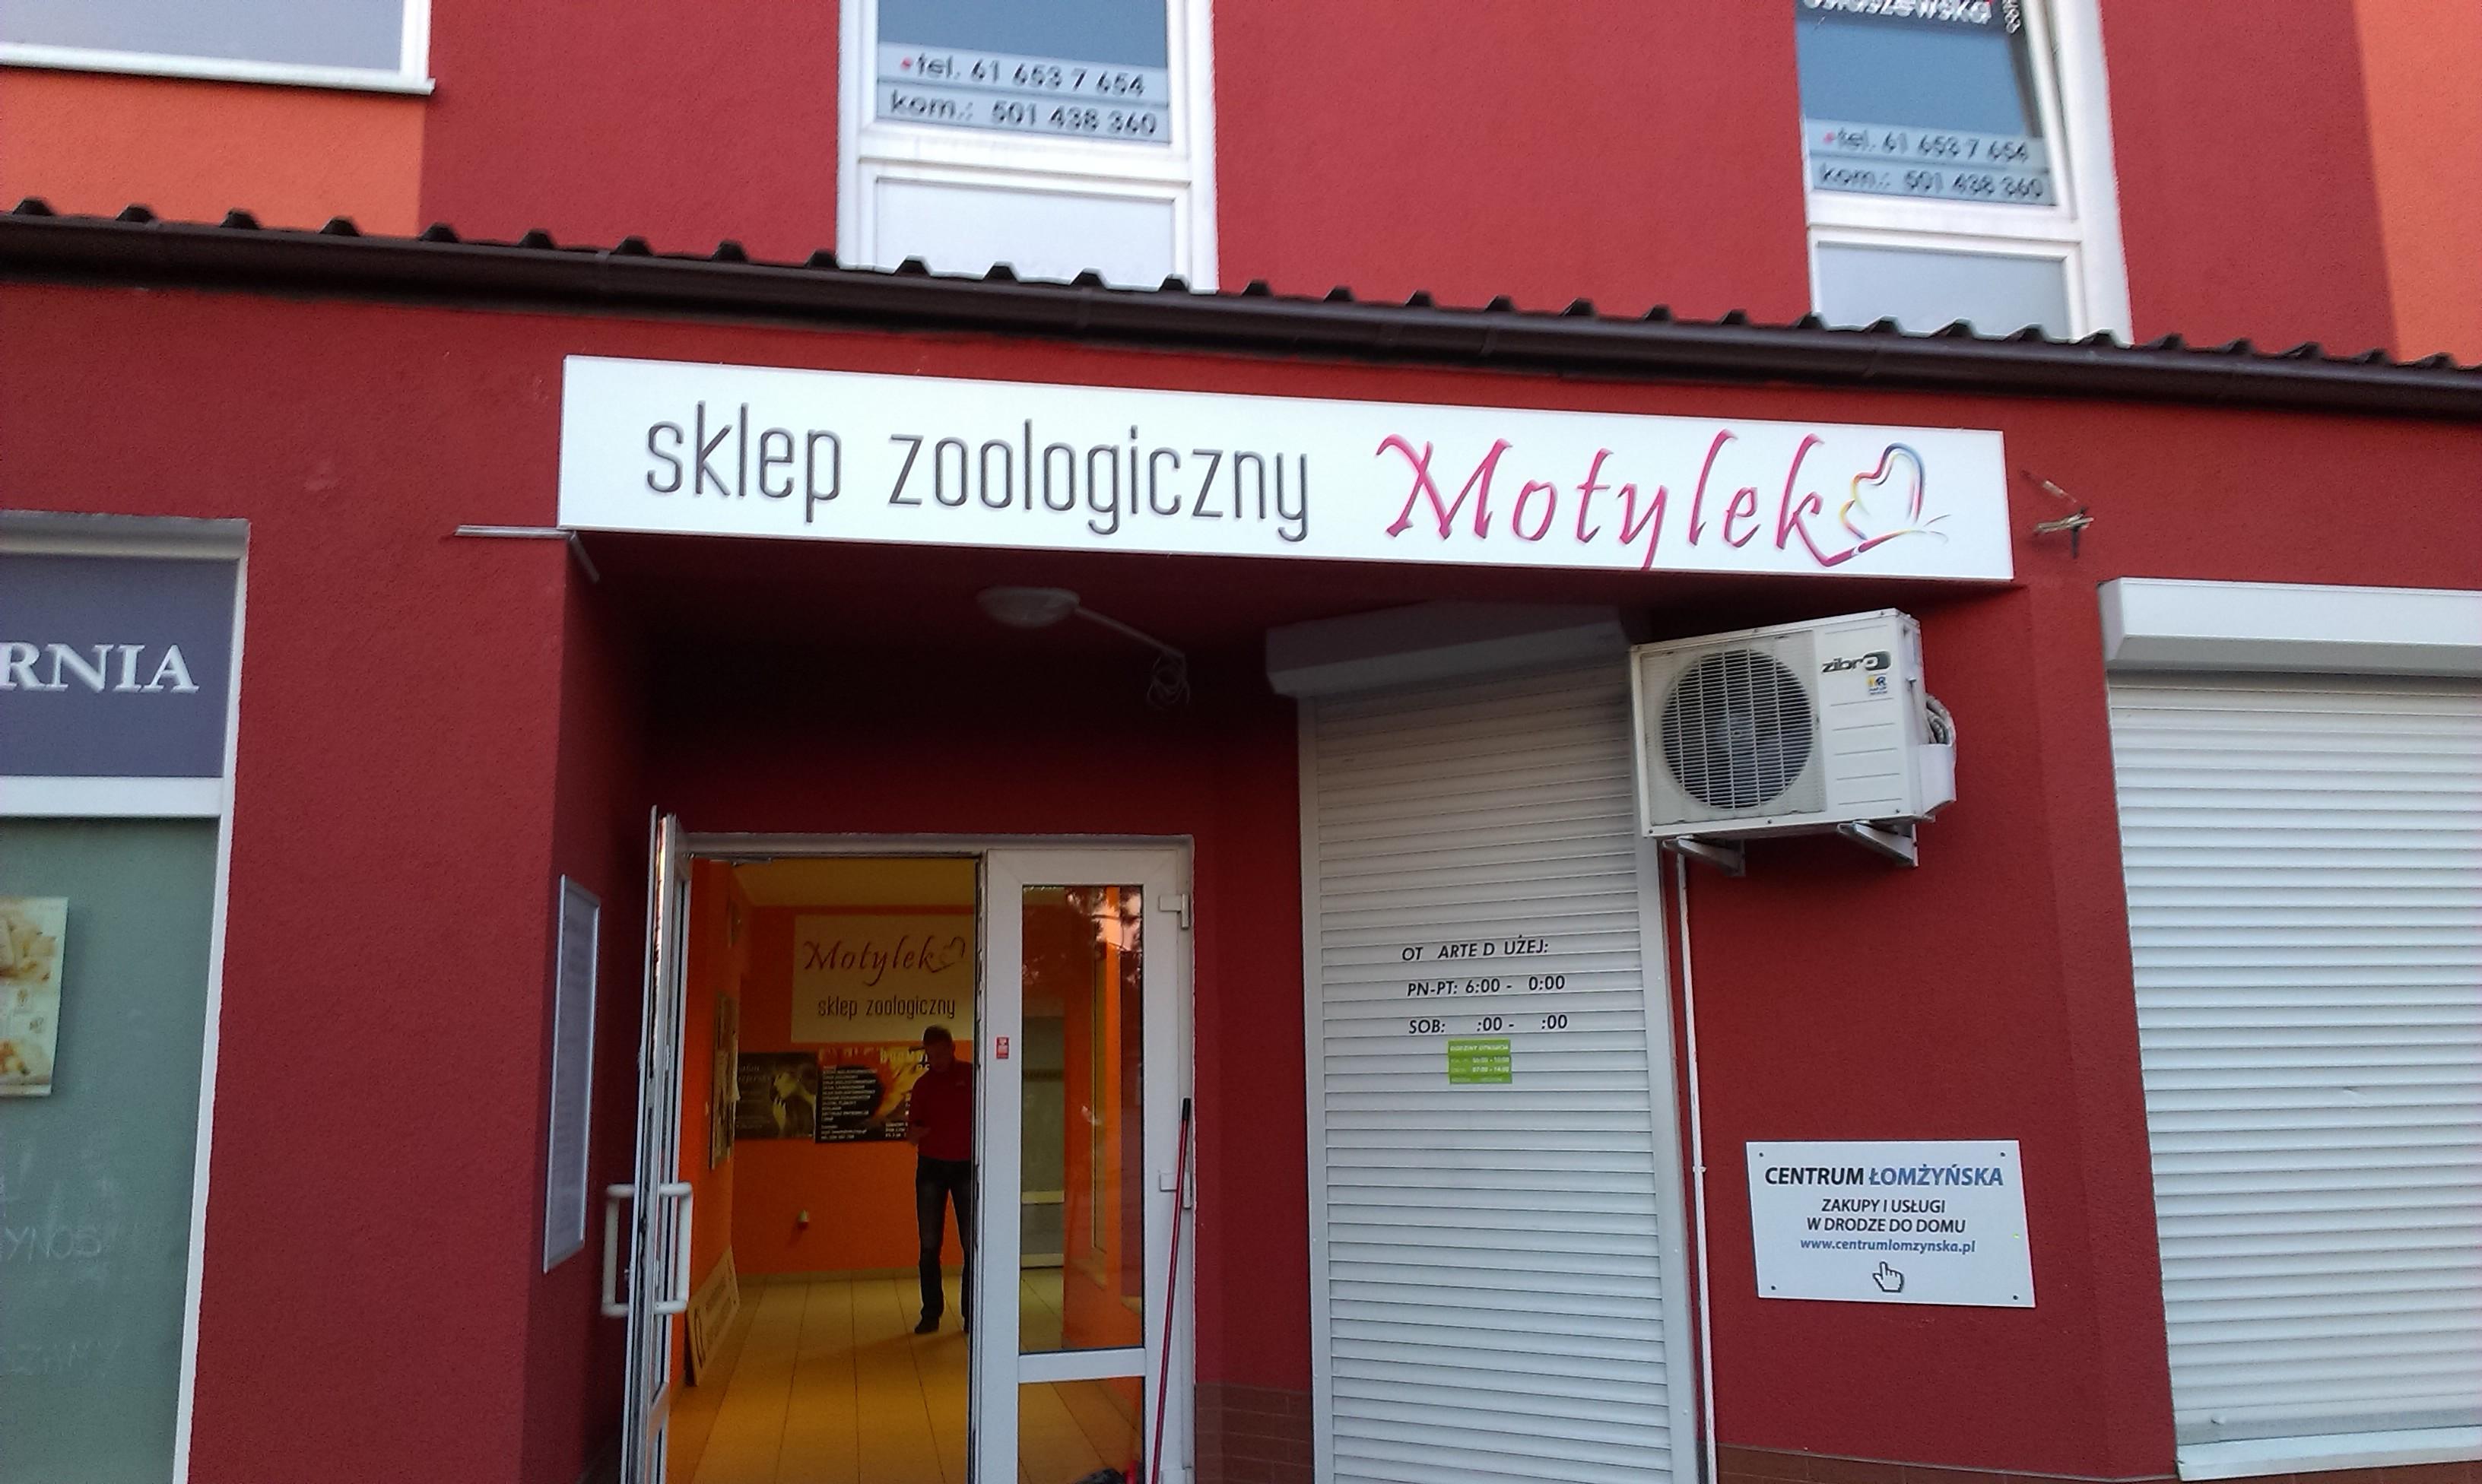 Szyld reklamowy sklep zoologiczny